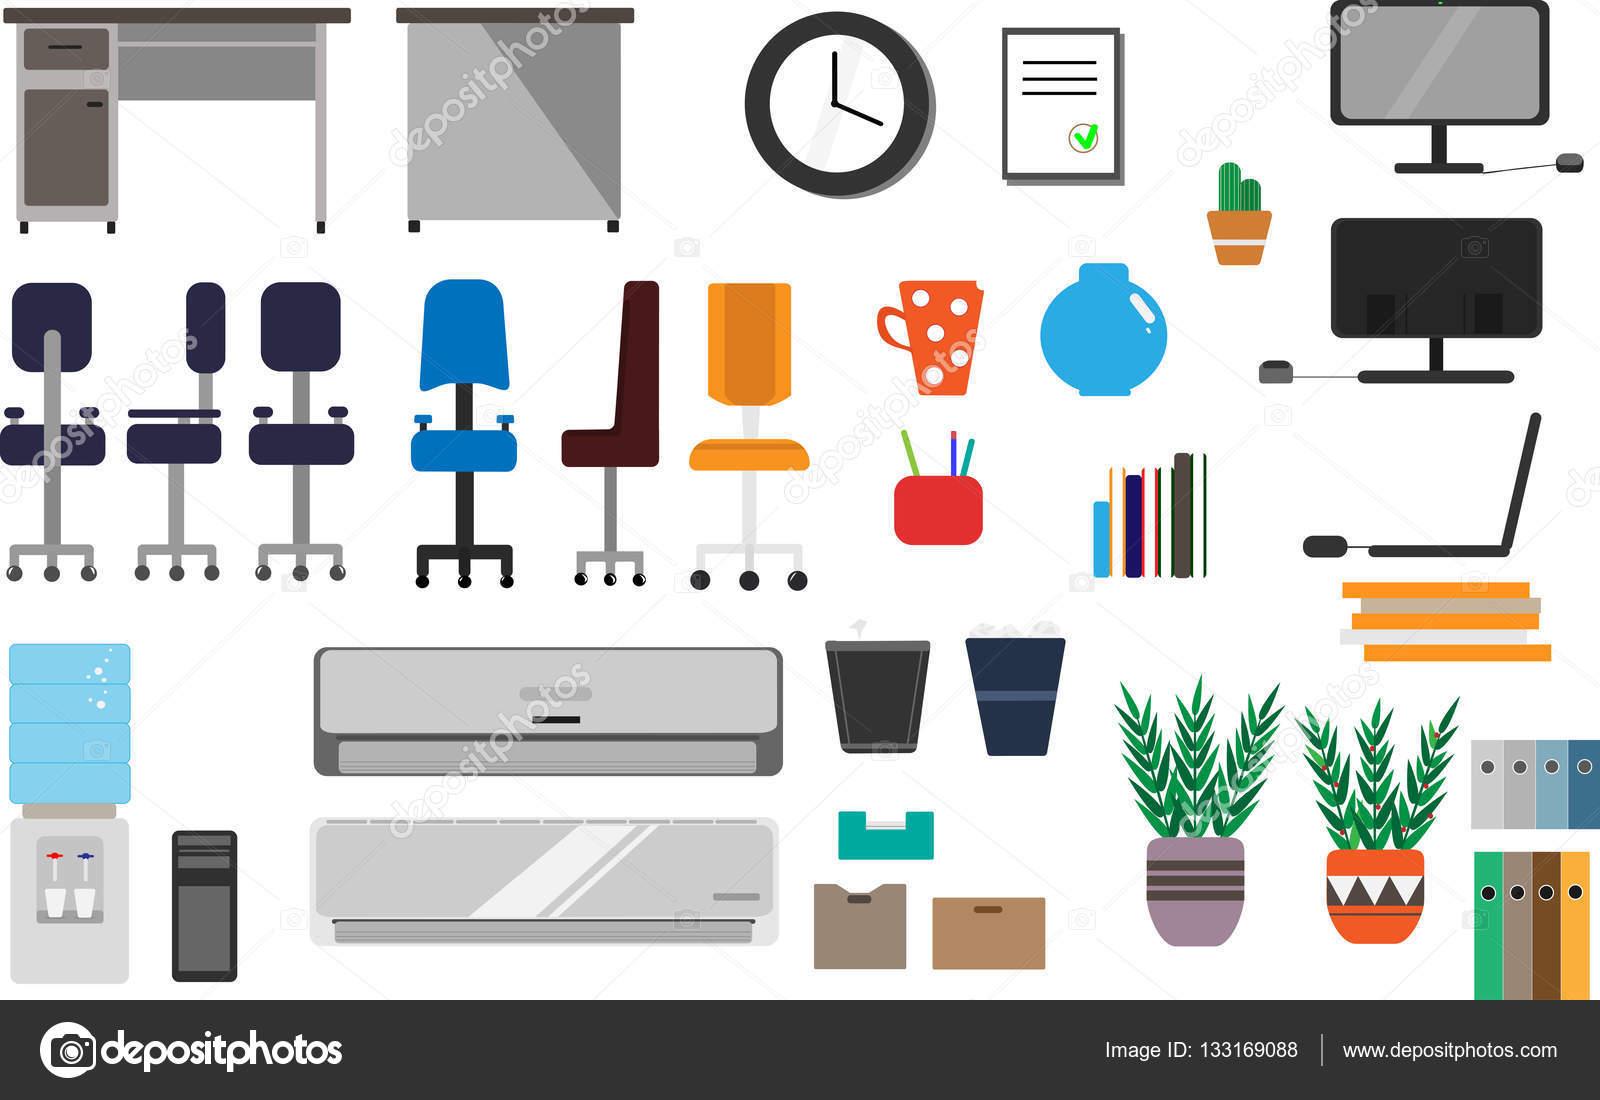 Un amplio conjunto de art culos de oficina que incluye una mesa sillas de varias clases - Articulos de oficina ...